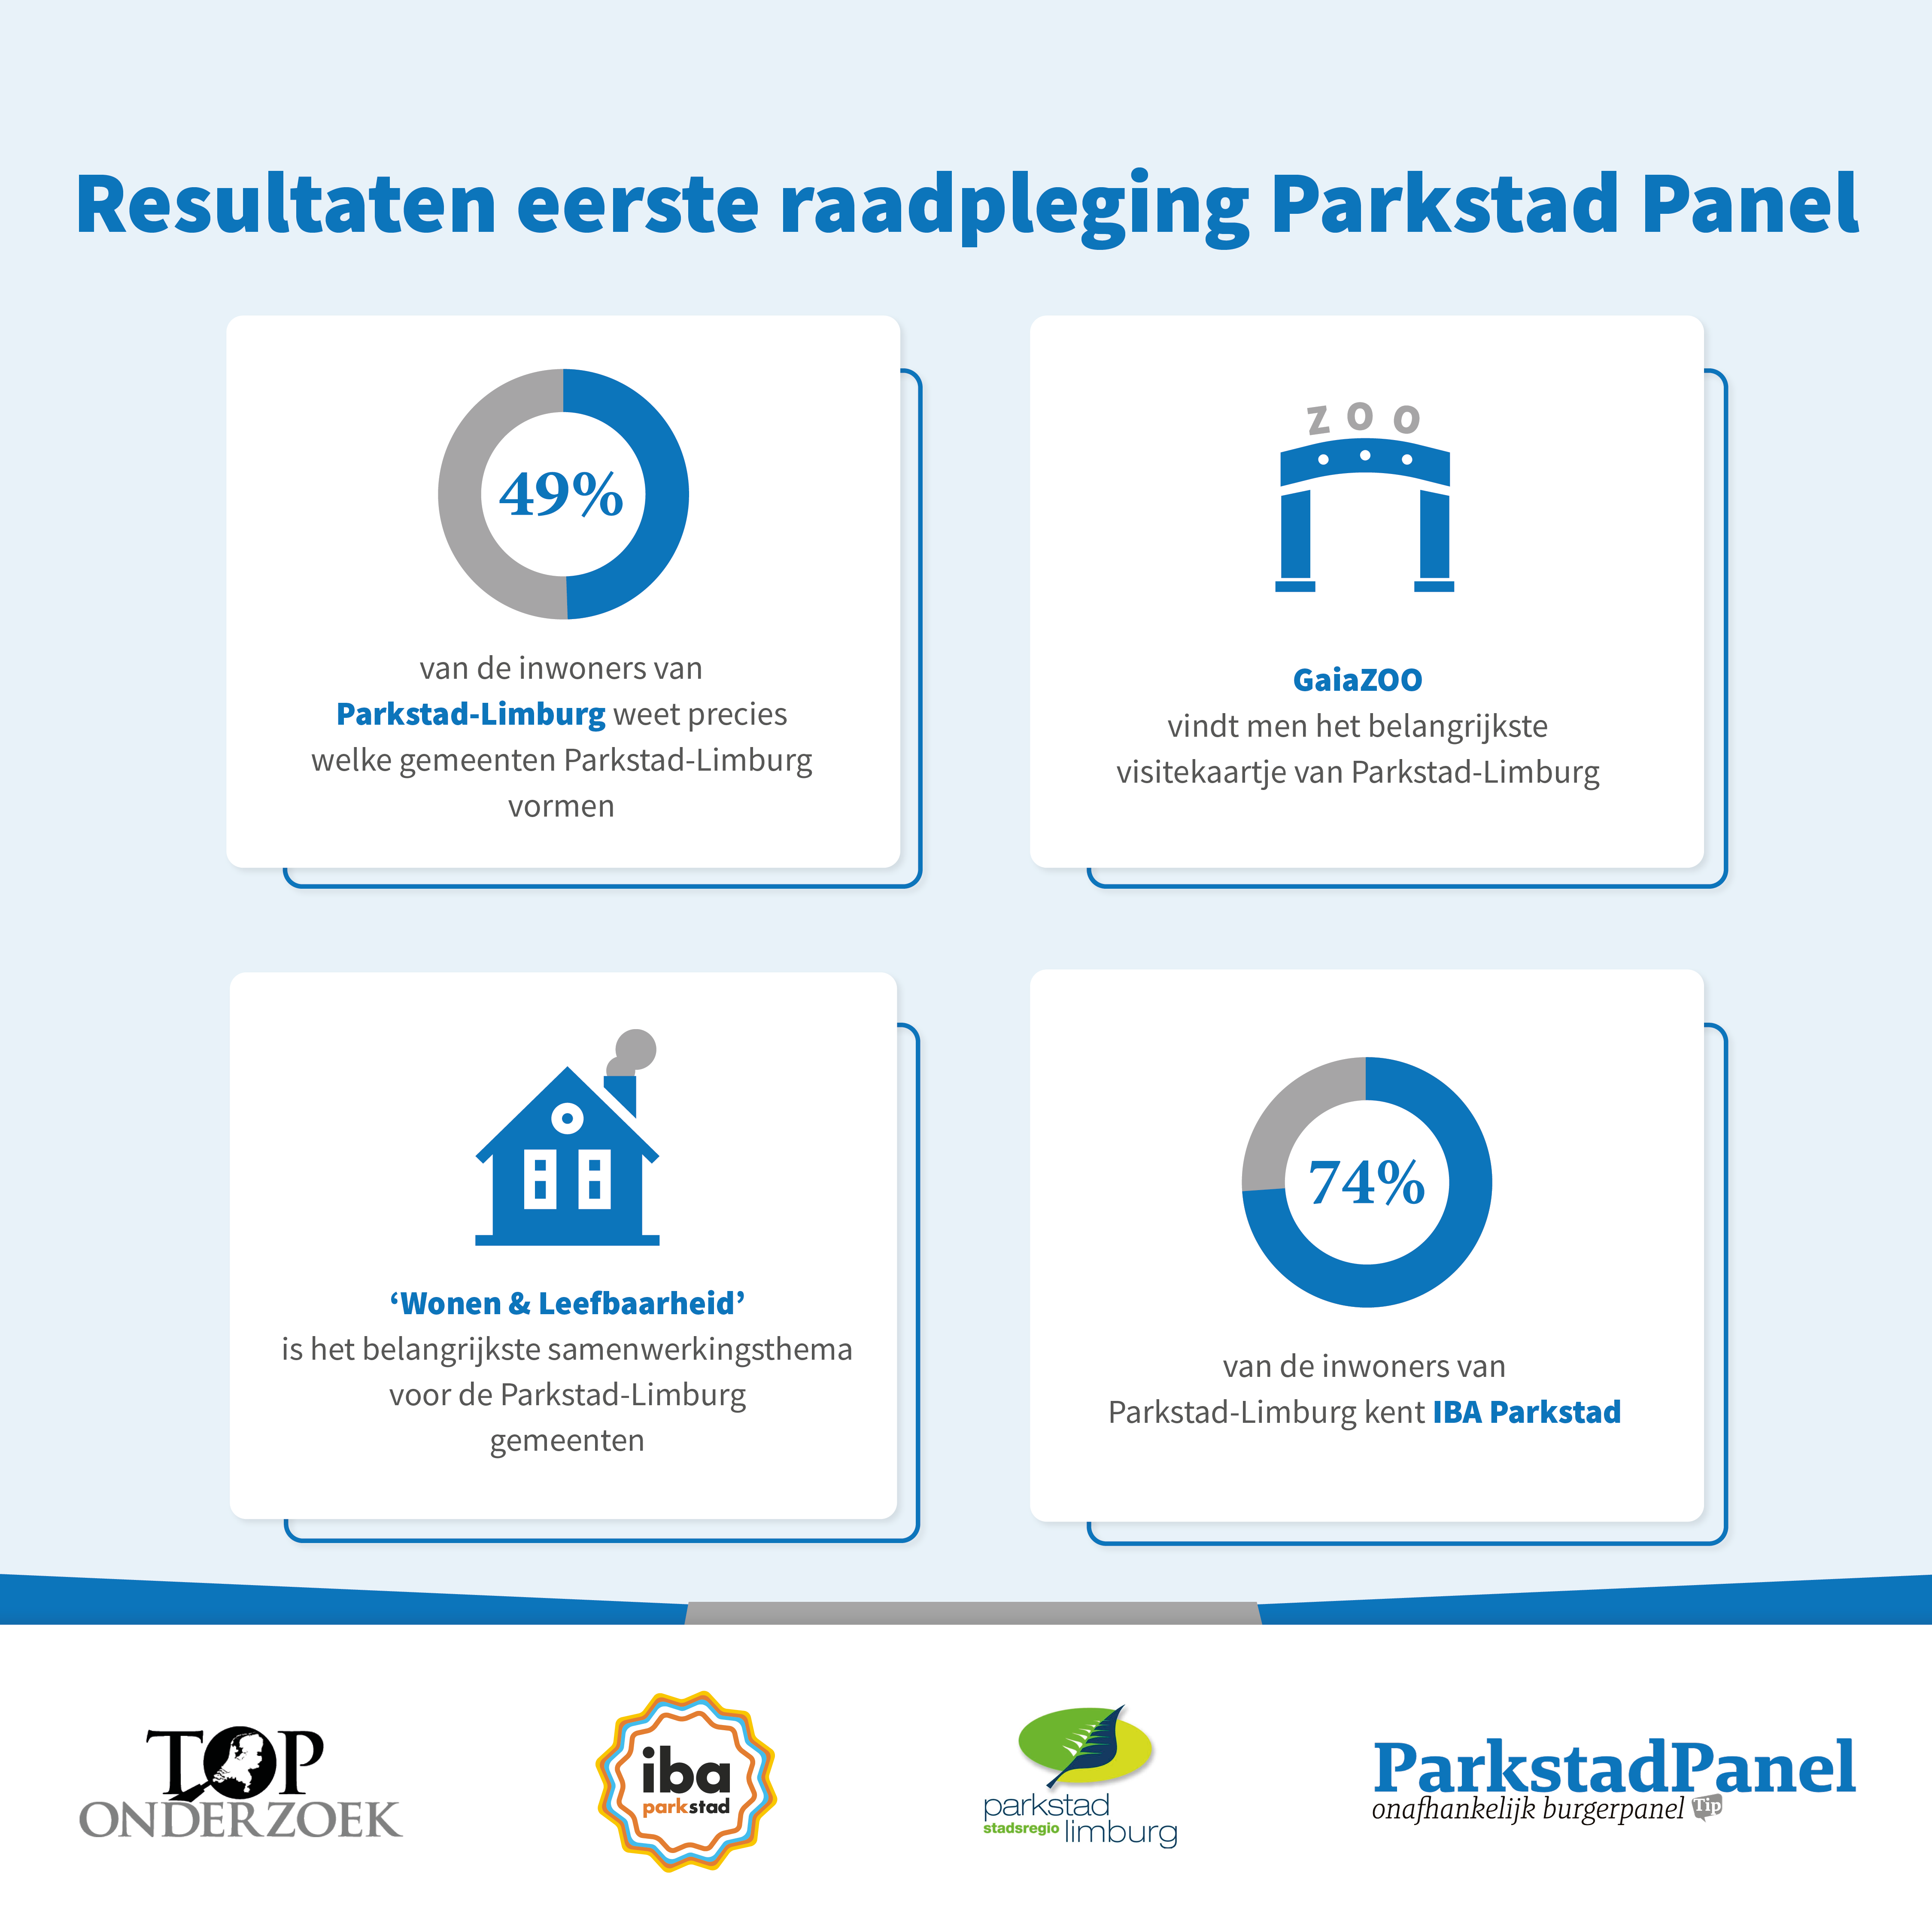 Raadpleging via het Parkstad Panel – resultaten eerste burgerraadpleging